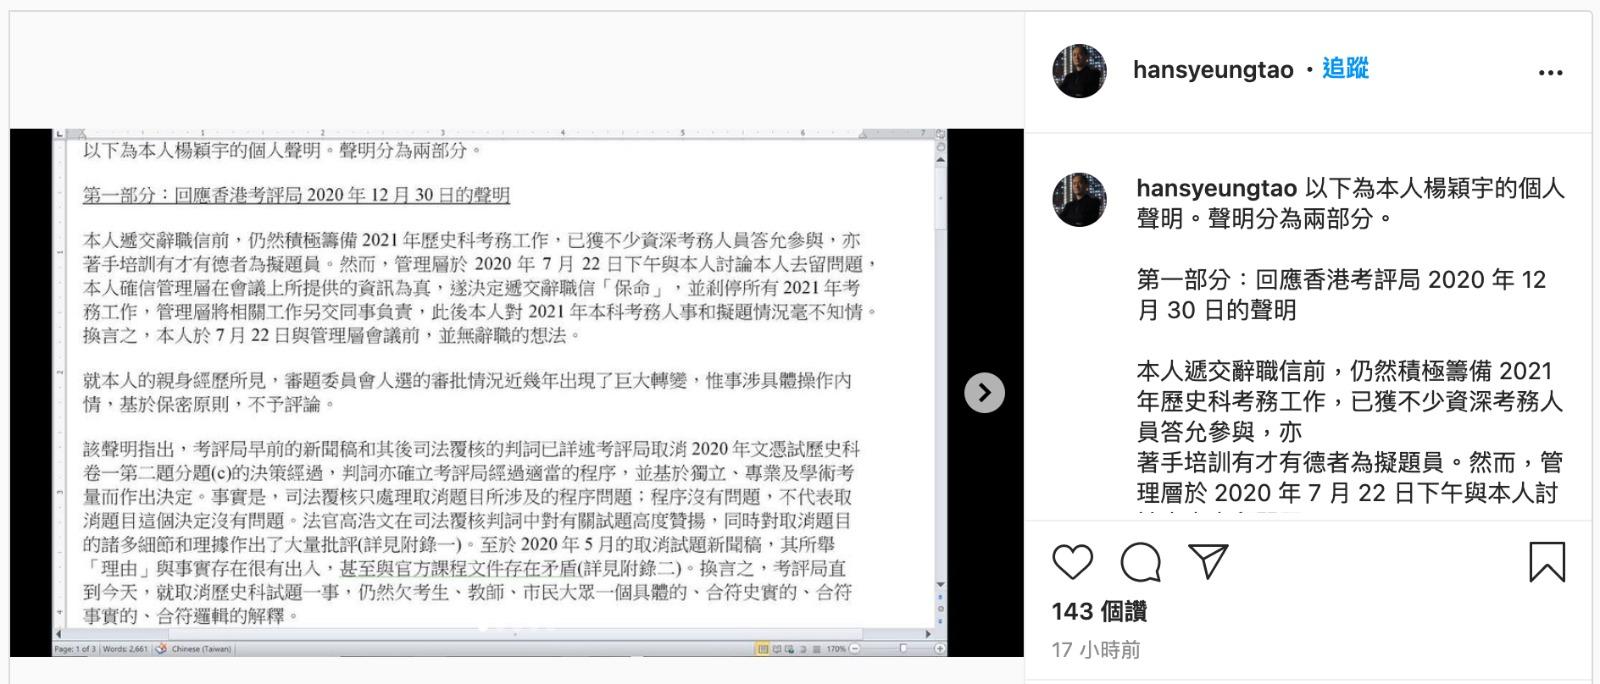 圖為在其IG發佈的聲明截圖( @hansyeungtao)